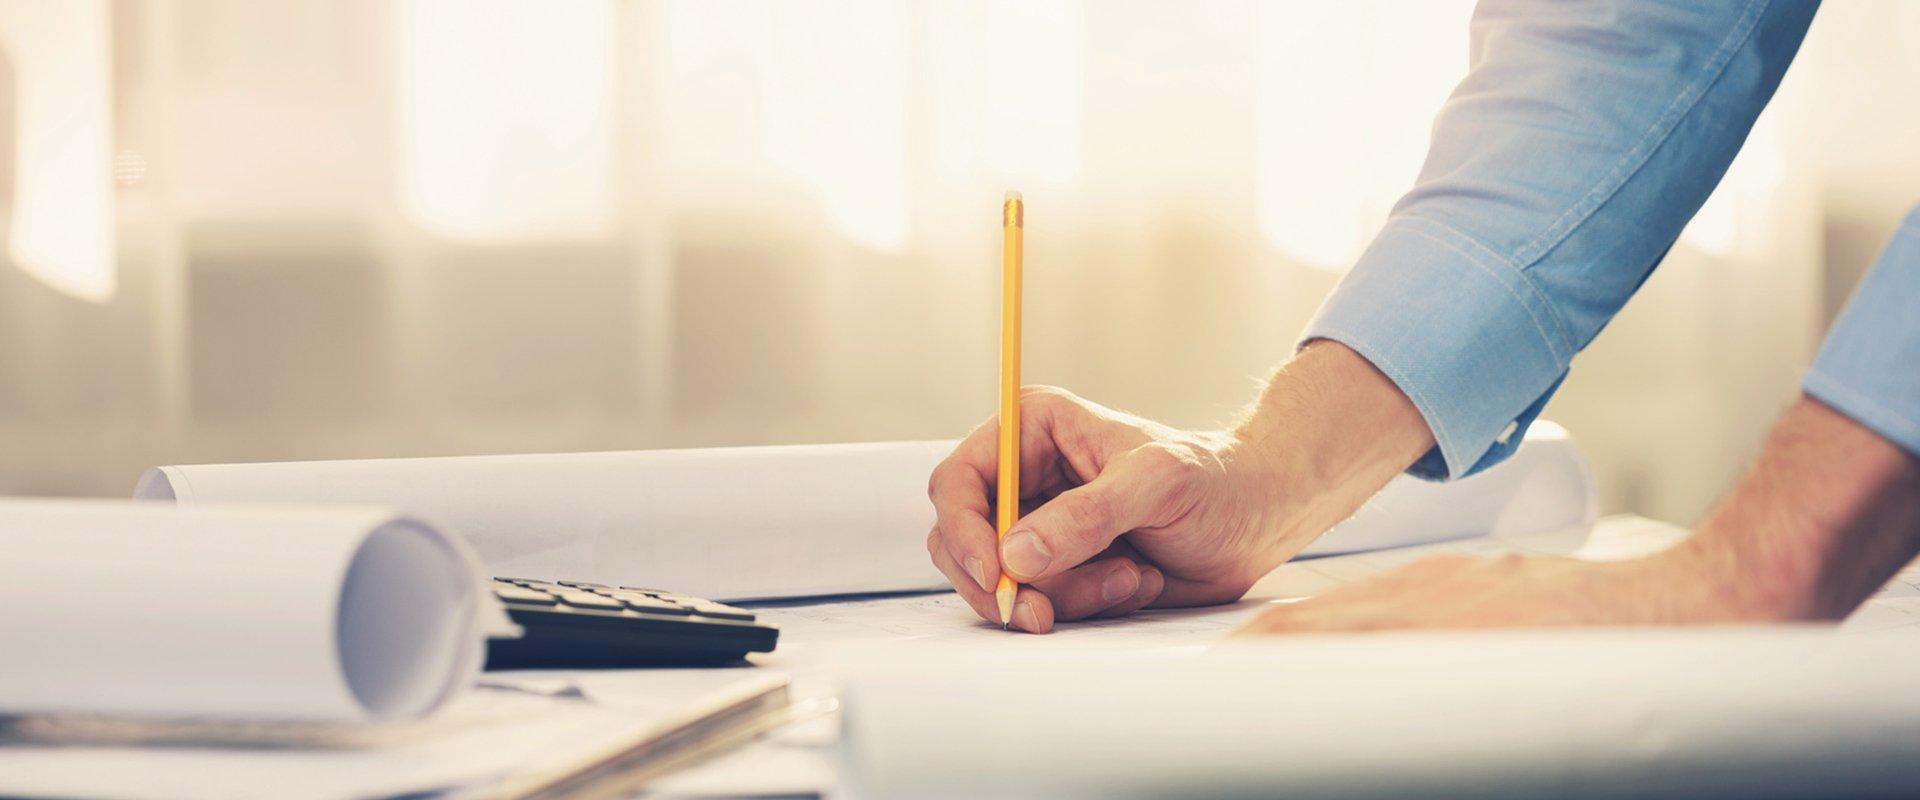 mediraum design Mann zeichnet mit Bleistift auf Bauplan in seitlicher Ansicht